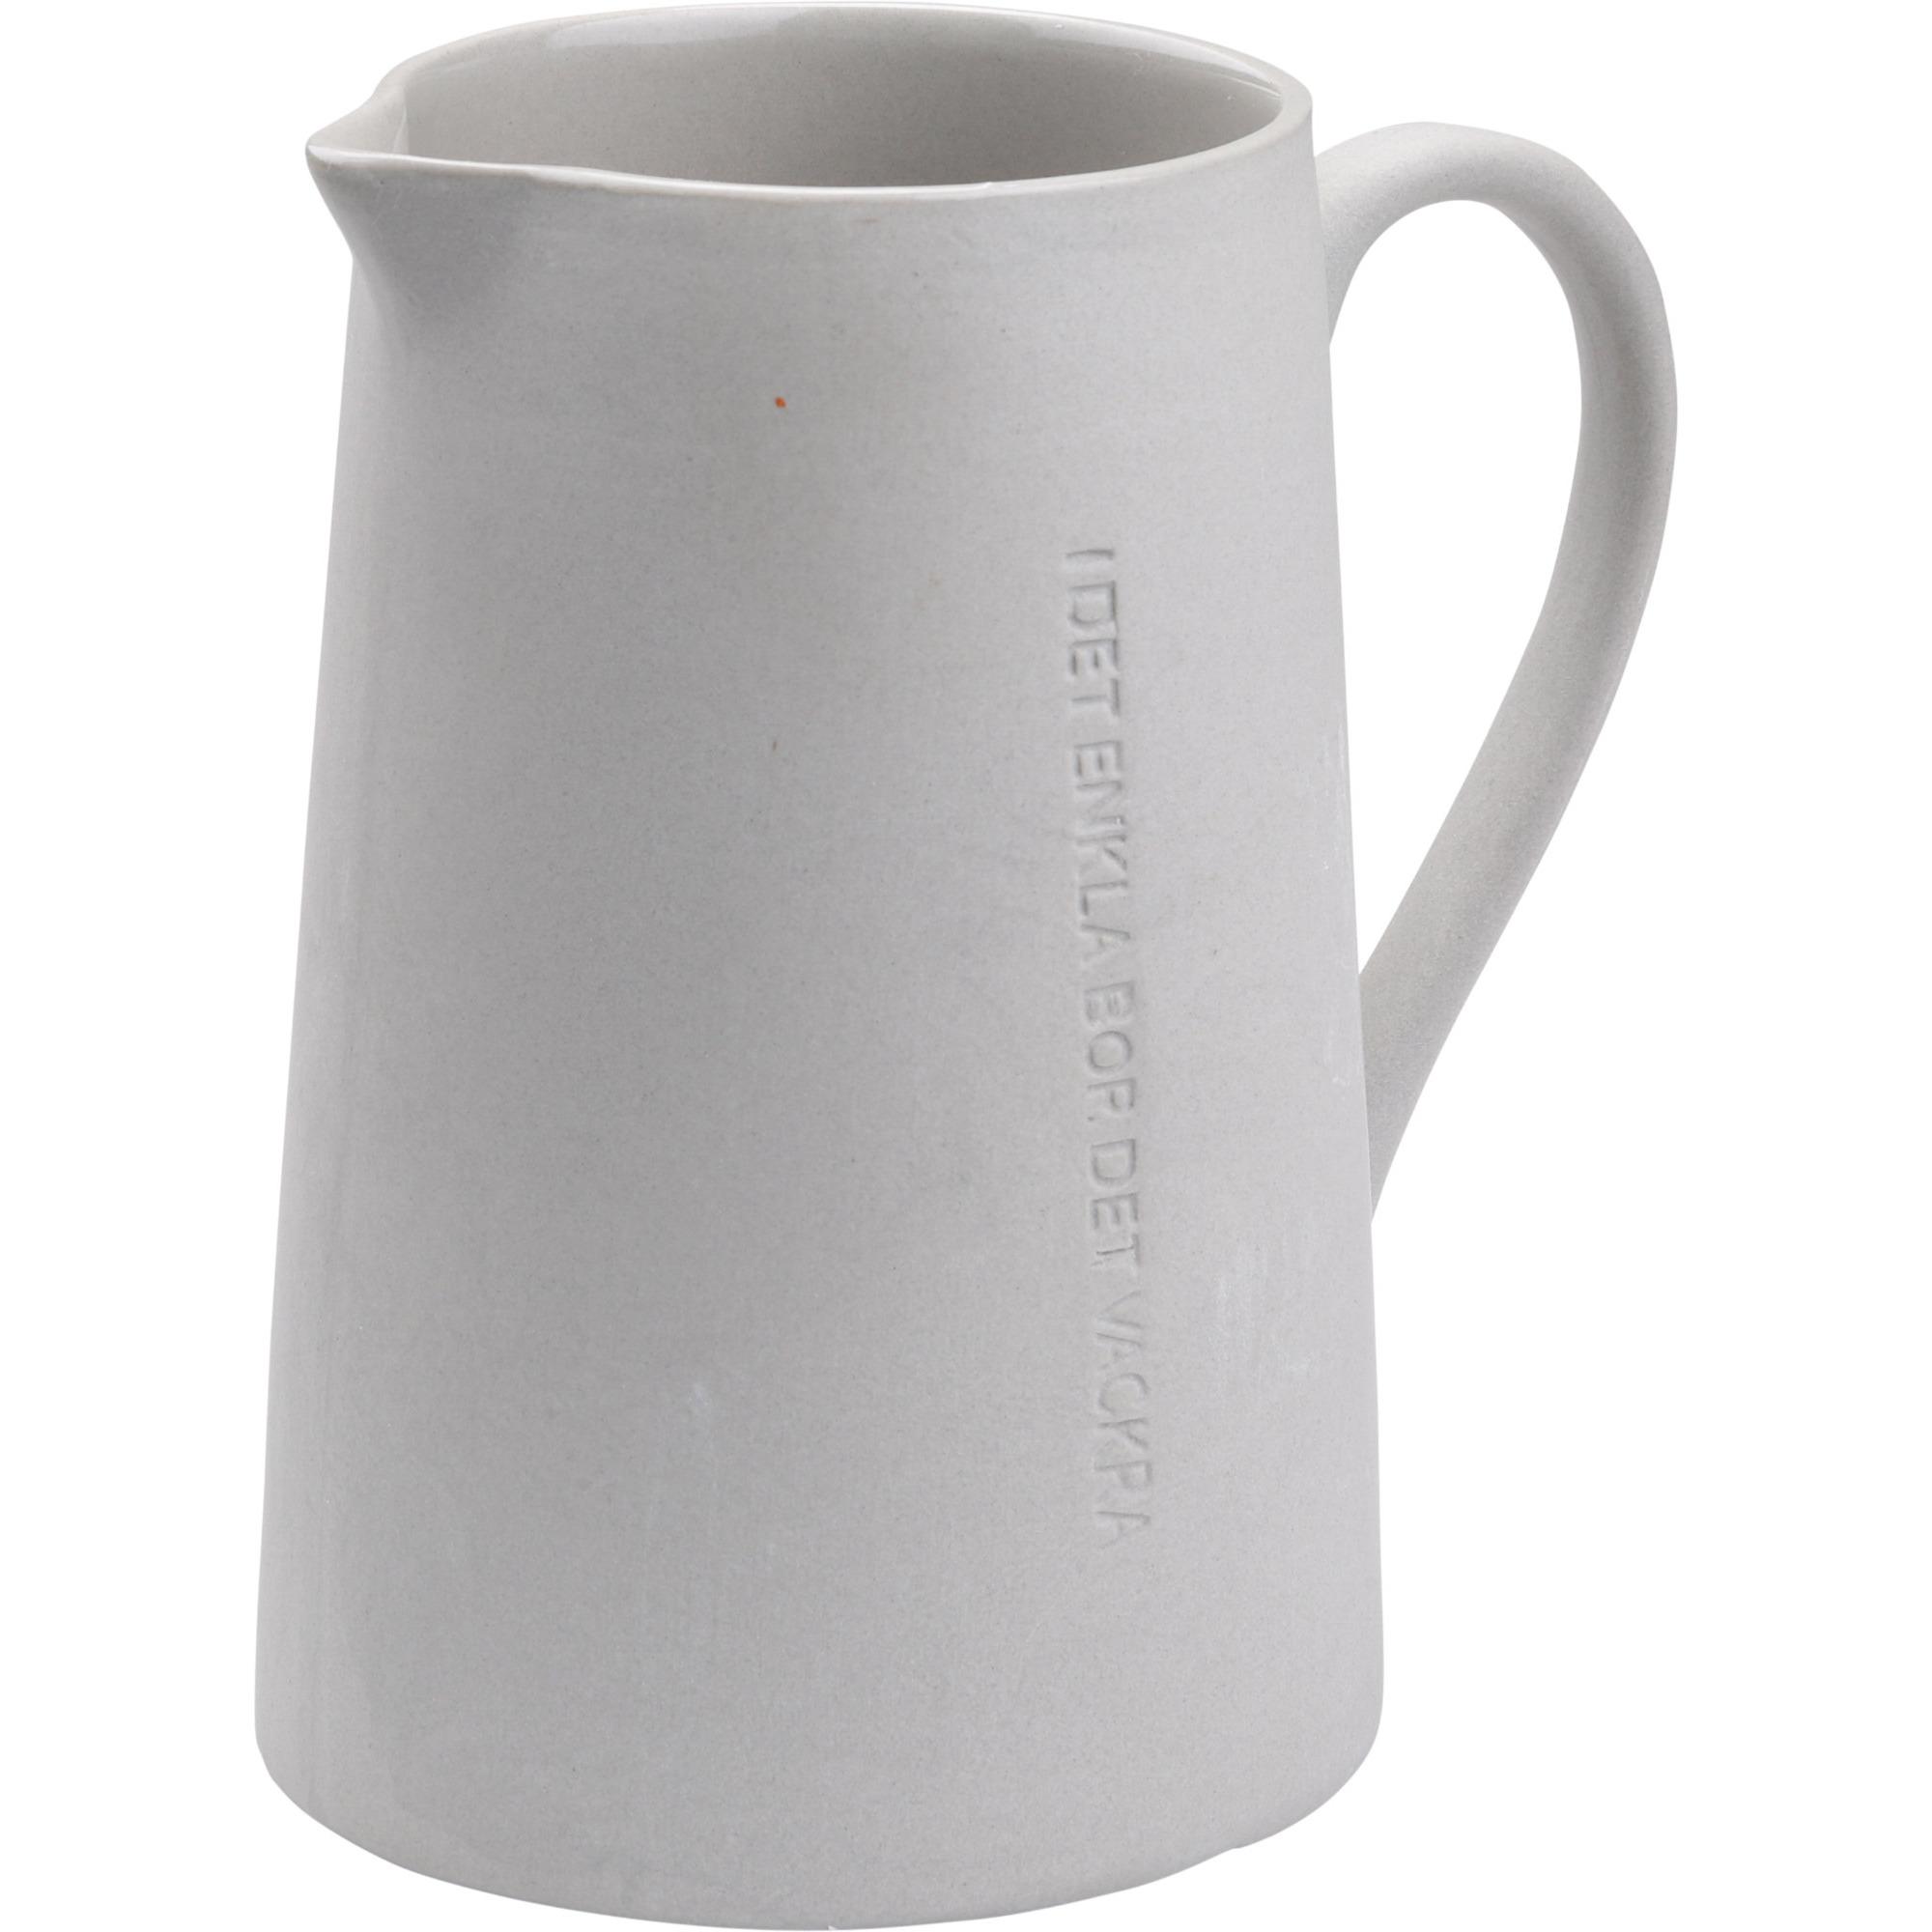 Ernst Mjölkkanna I det enkla Grå